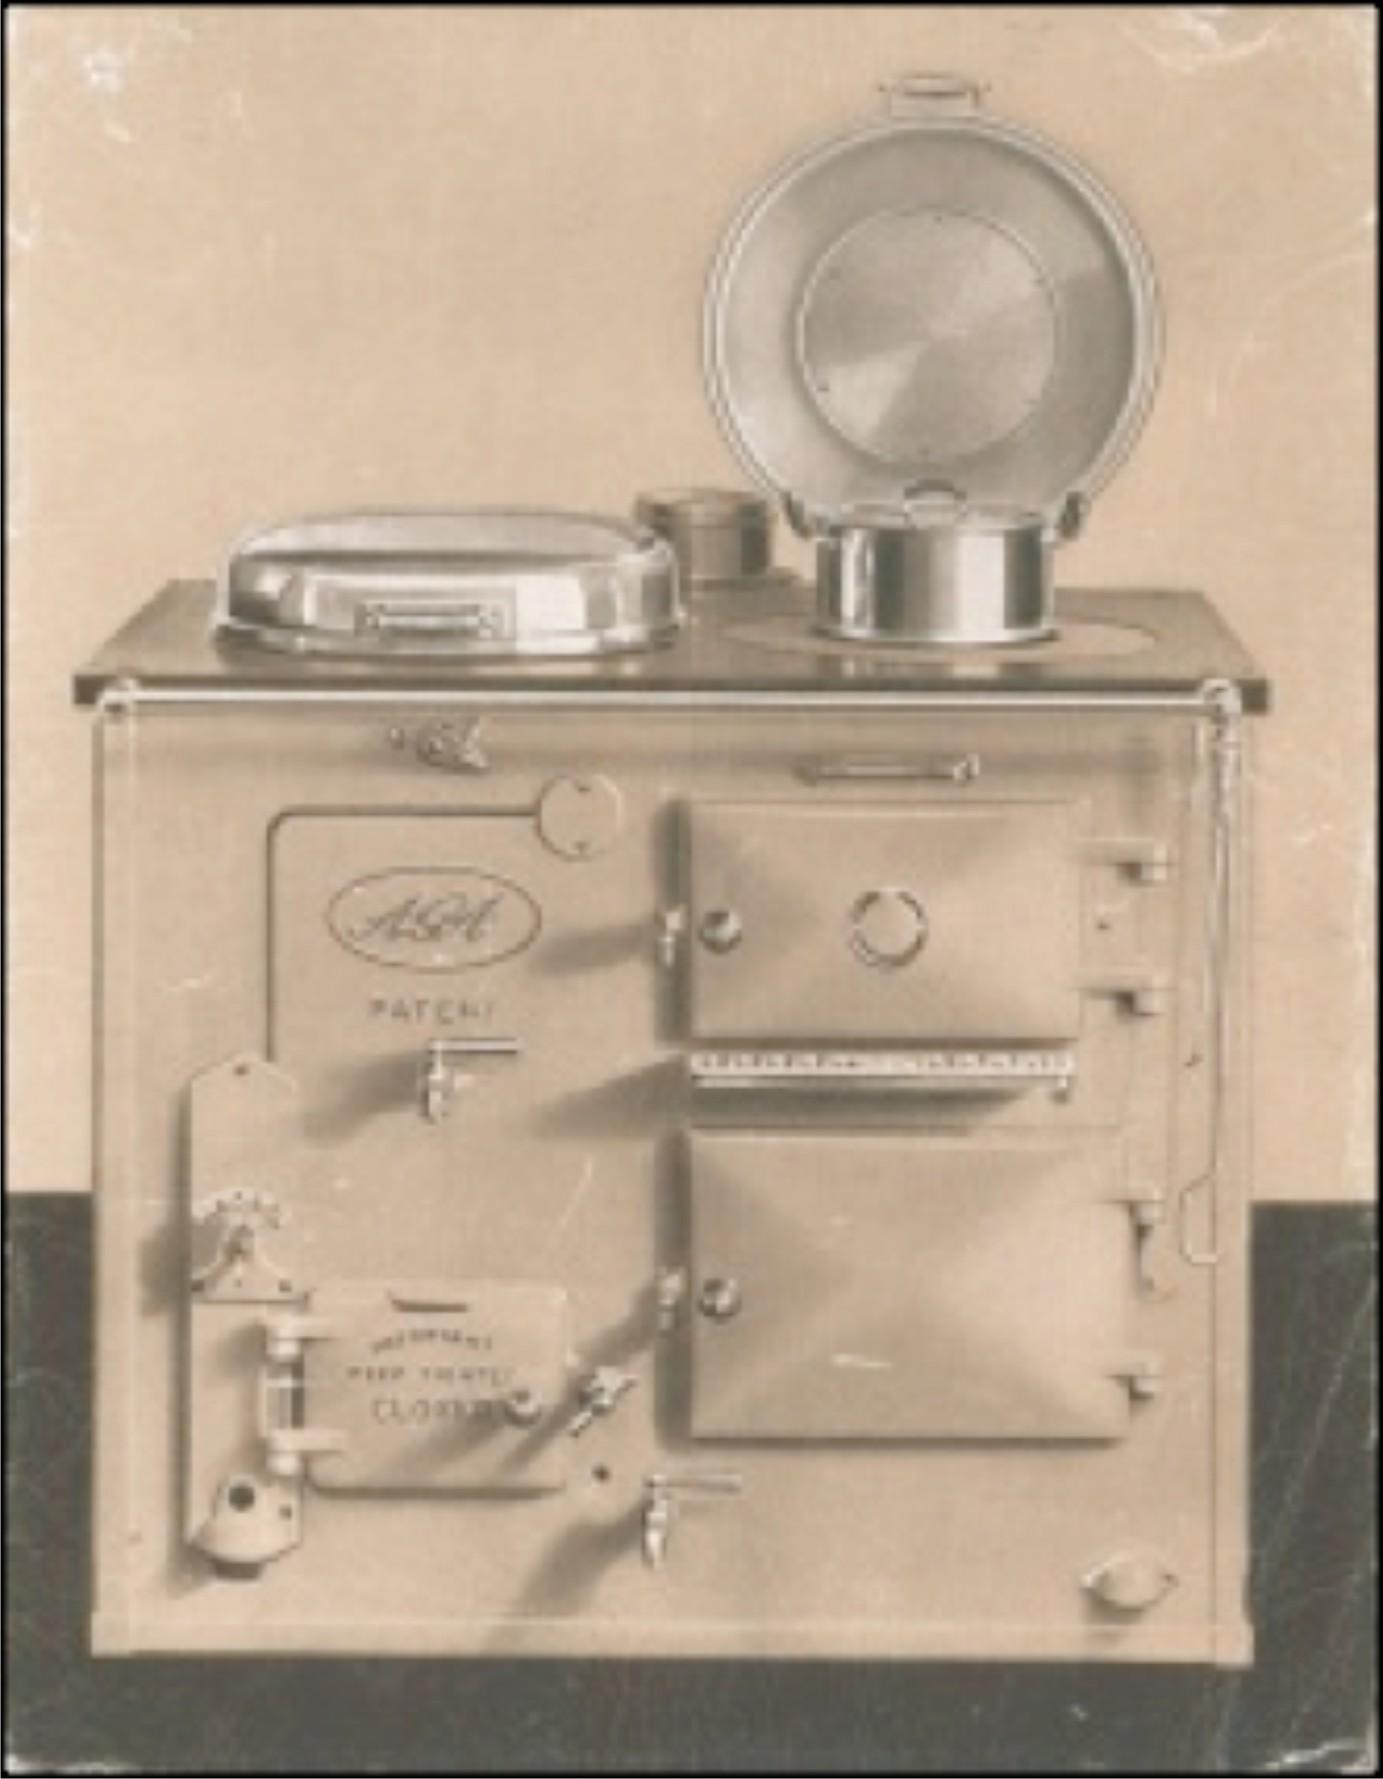 old aga cooker.jpg